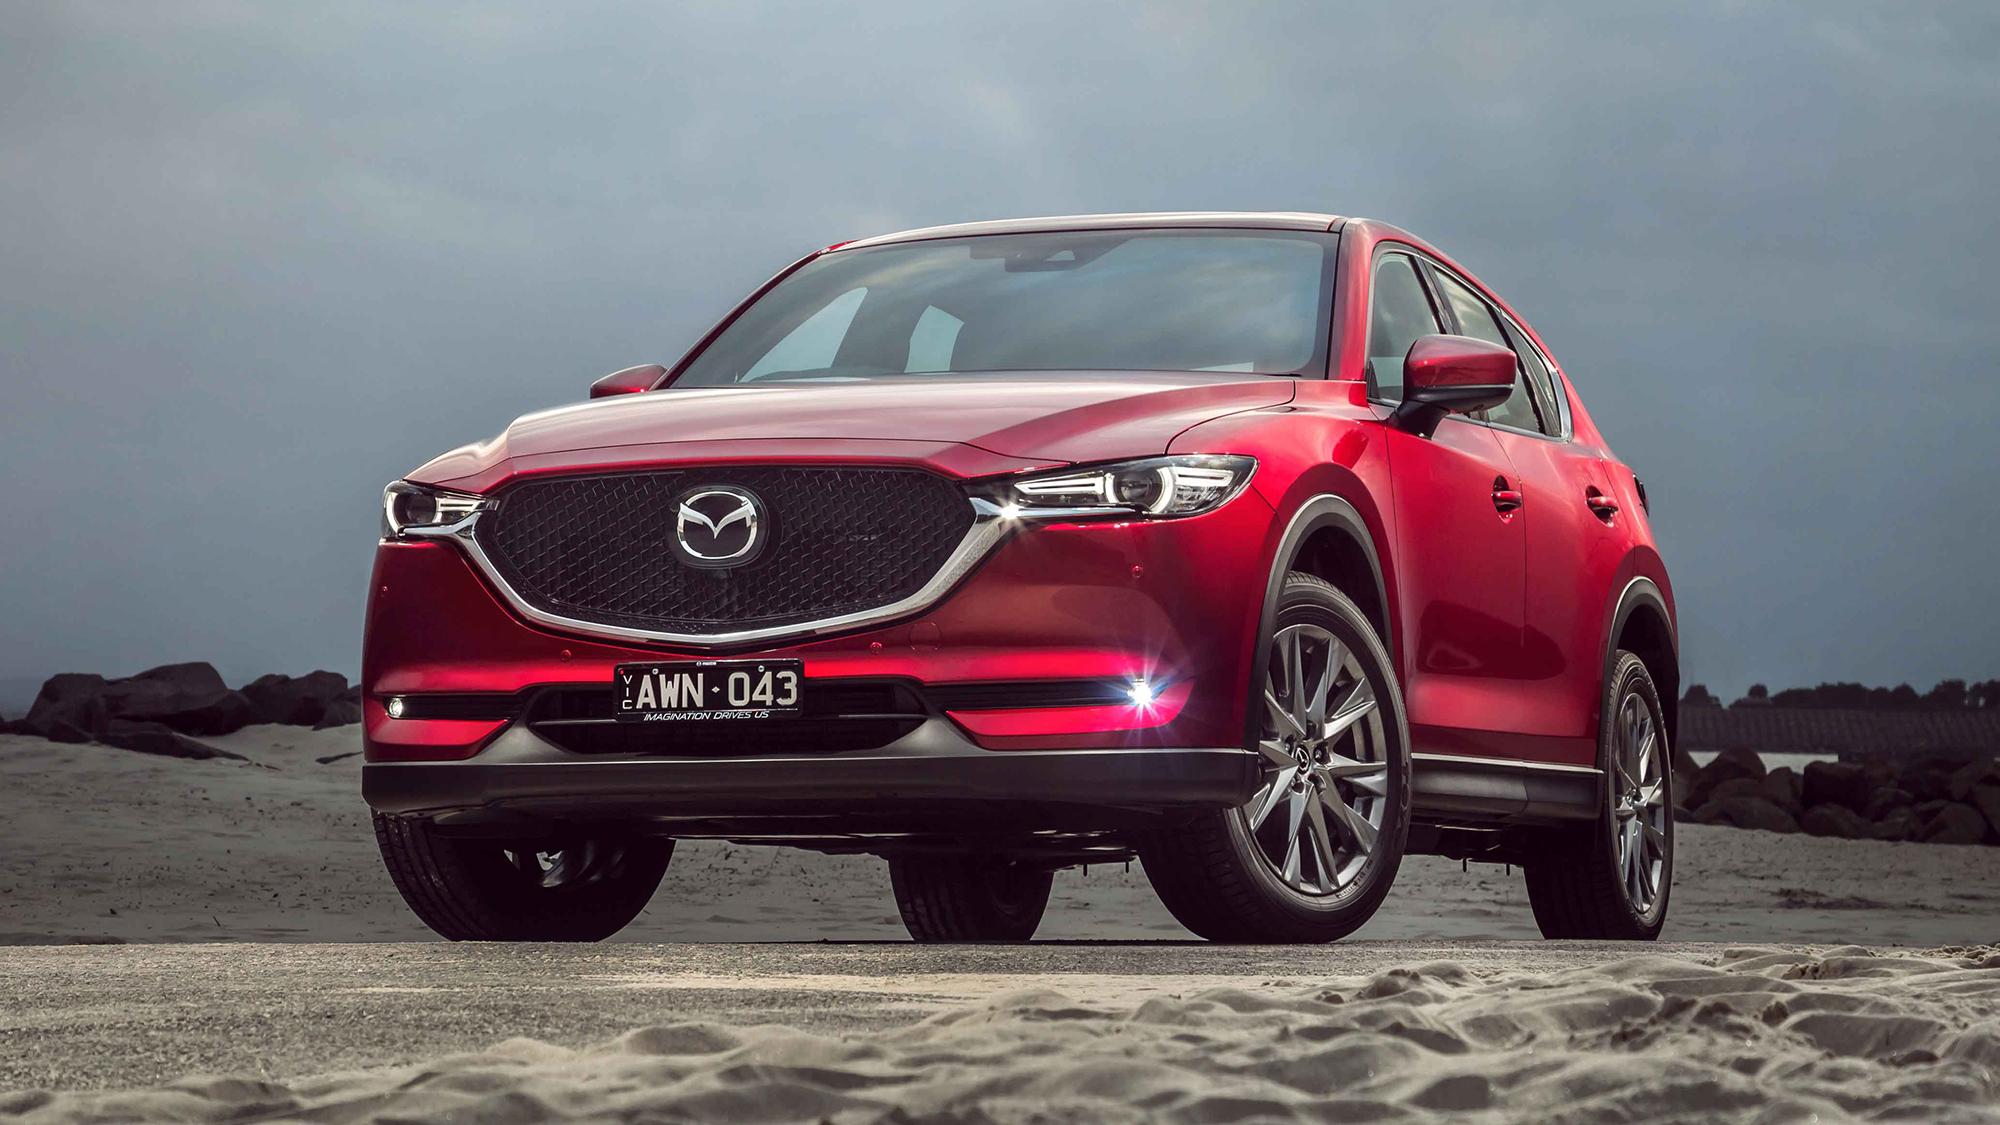 Kekurangan Mazda Cx 5 2.5 Turbo Murah Berkualitas